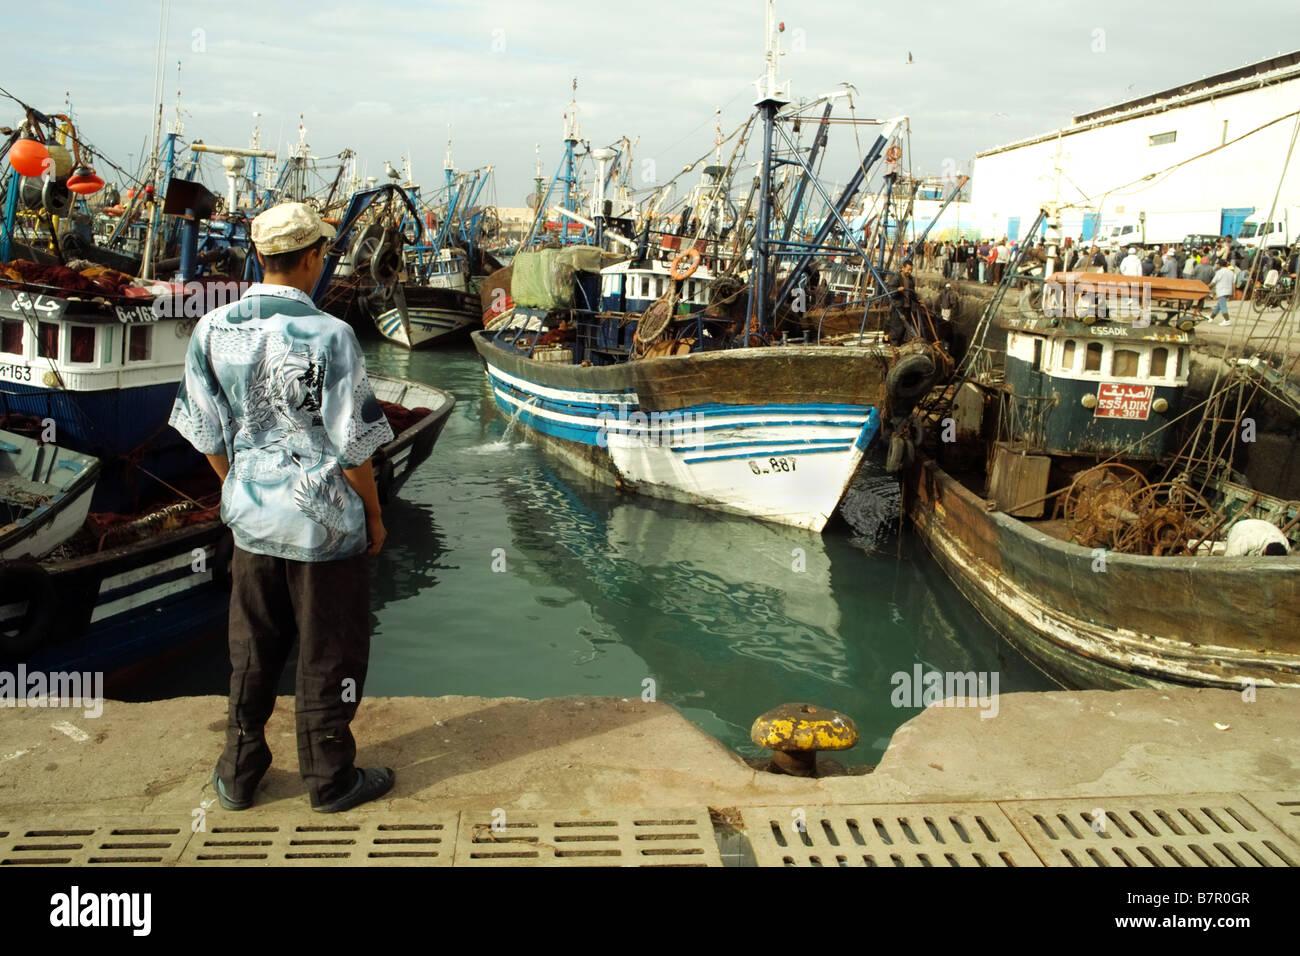 fishing port and boats Agadir Morocco Morrocco Moroco - Stock Image